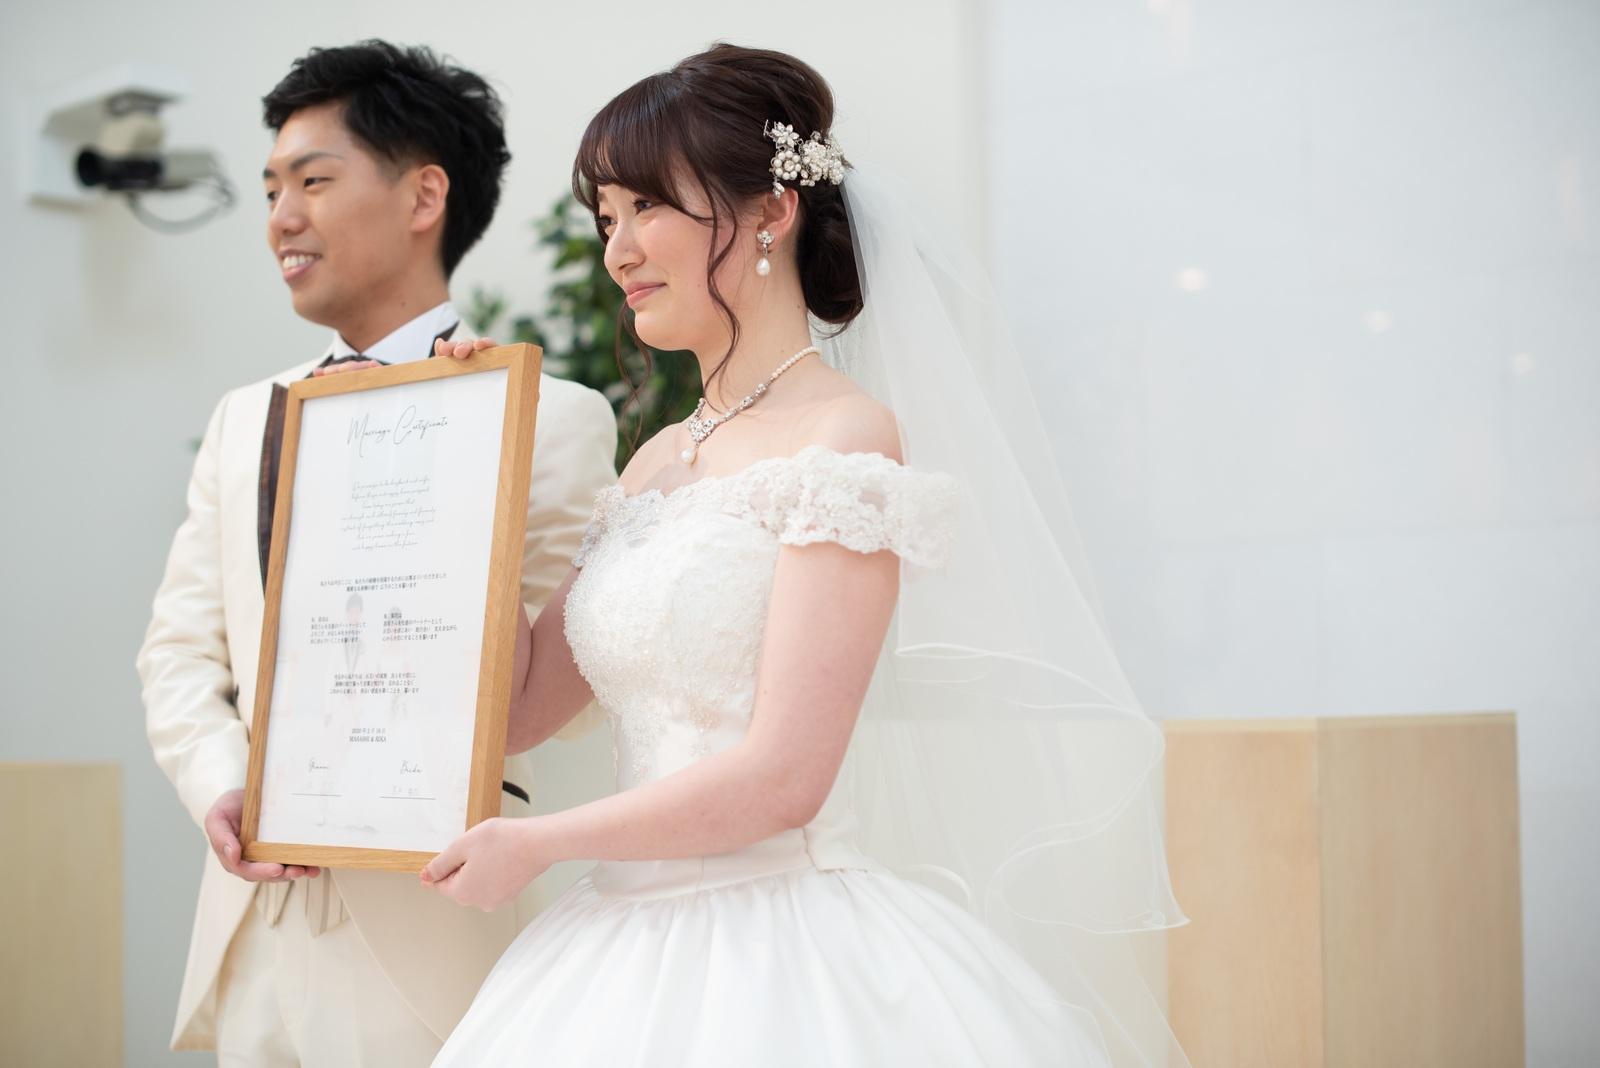 徳島市の結婚式場ブランアンジュのチャペル人前式でゲストに承認をもらい感動した表情の新郎新婦